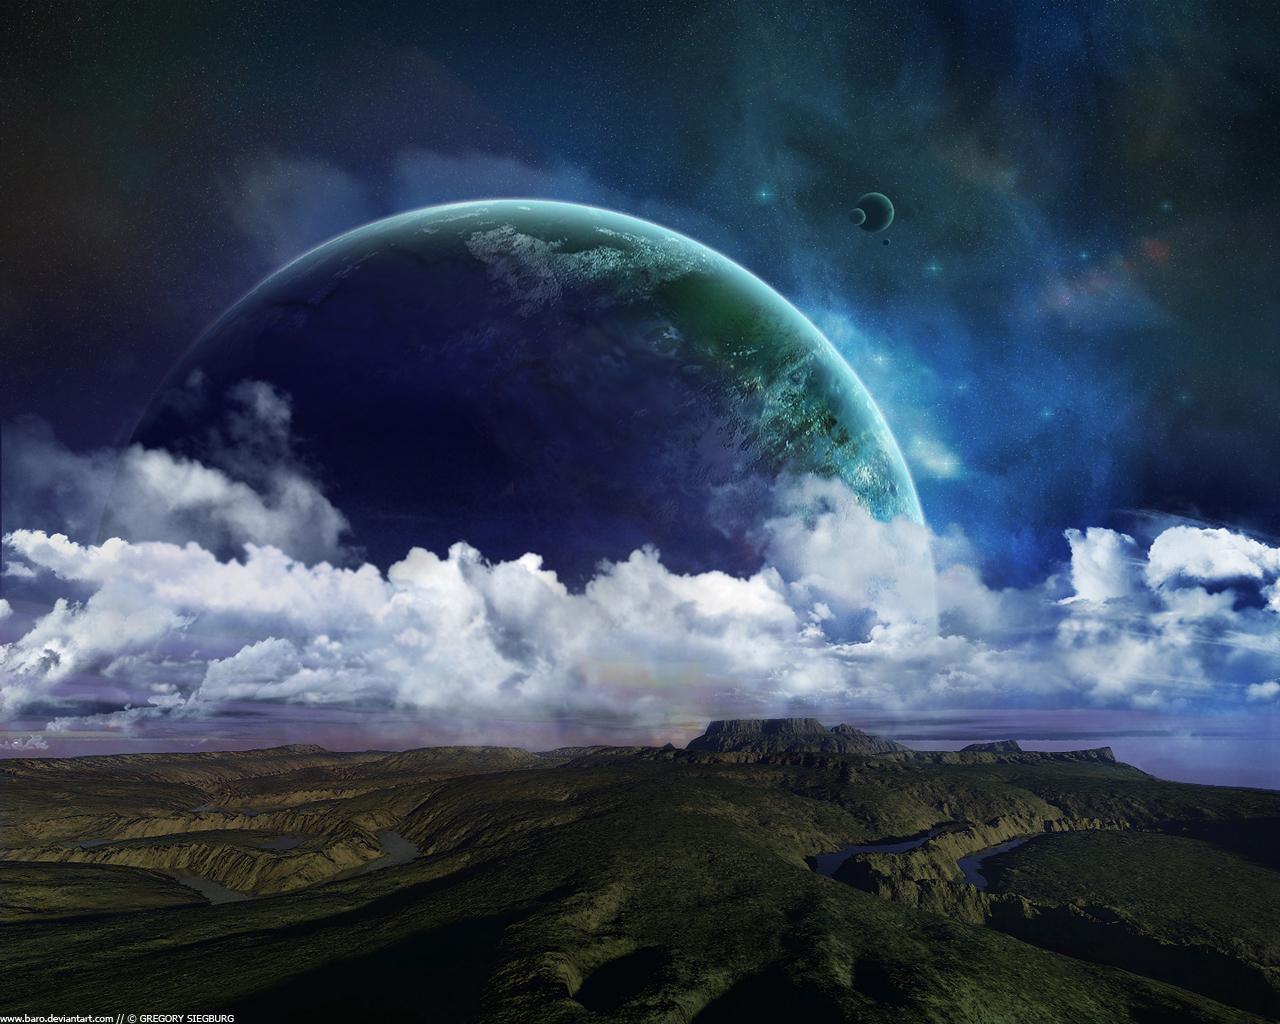 http://3.bp.blogspot.com/_CMf2hbvWnqU/TP3GRBEhV4I/AAAAAAAAATk/TvNUel9Qdx8/s1600/paisajes++5.jpg